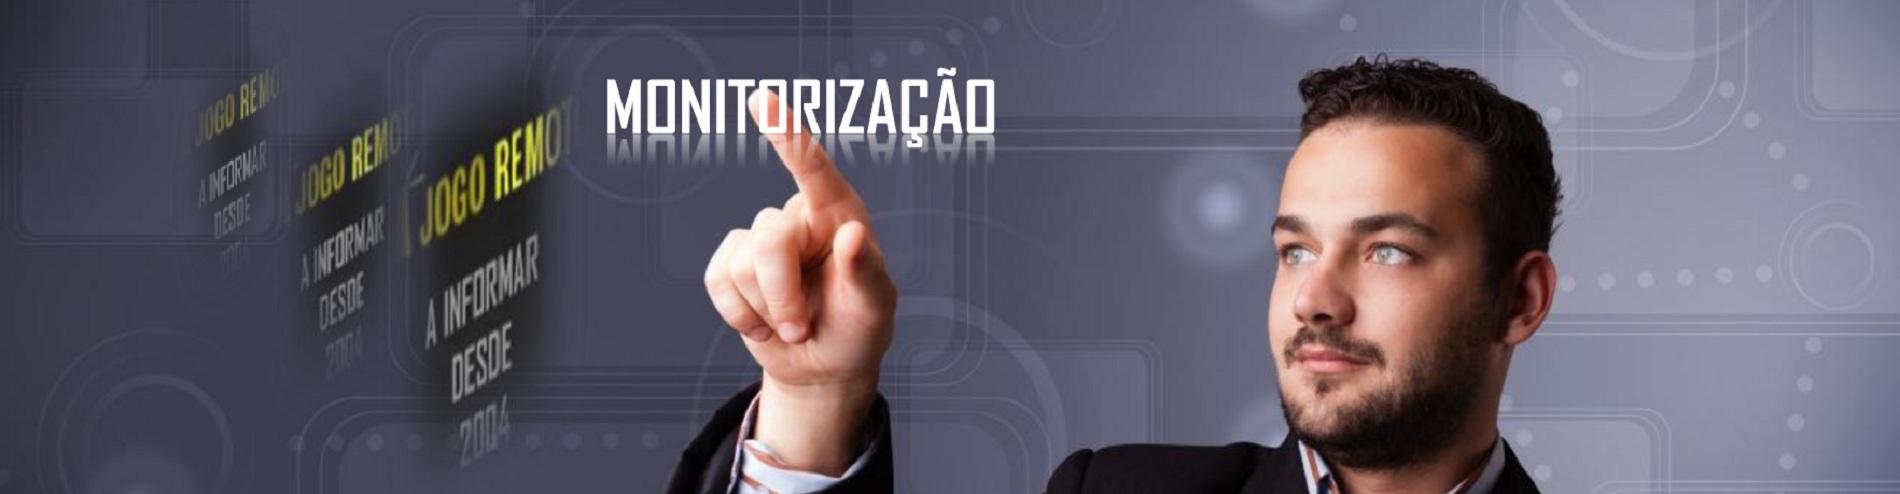 OBSERVATORIO - MONITORIZACAO